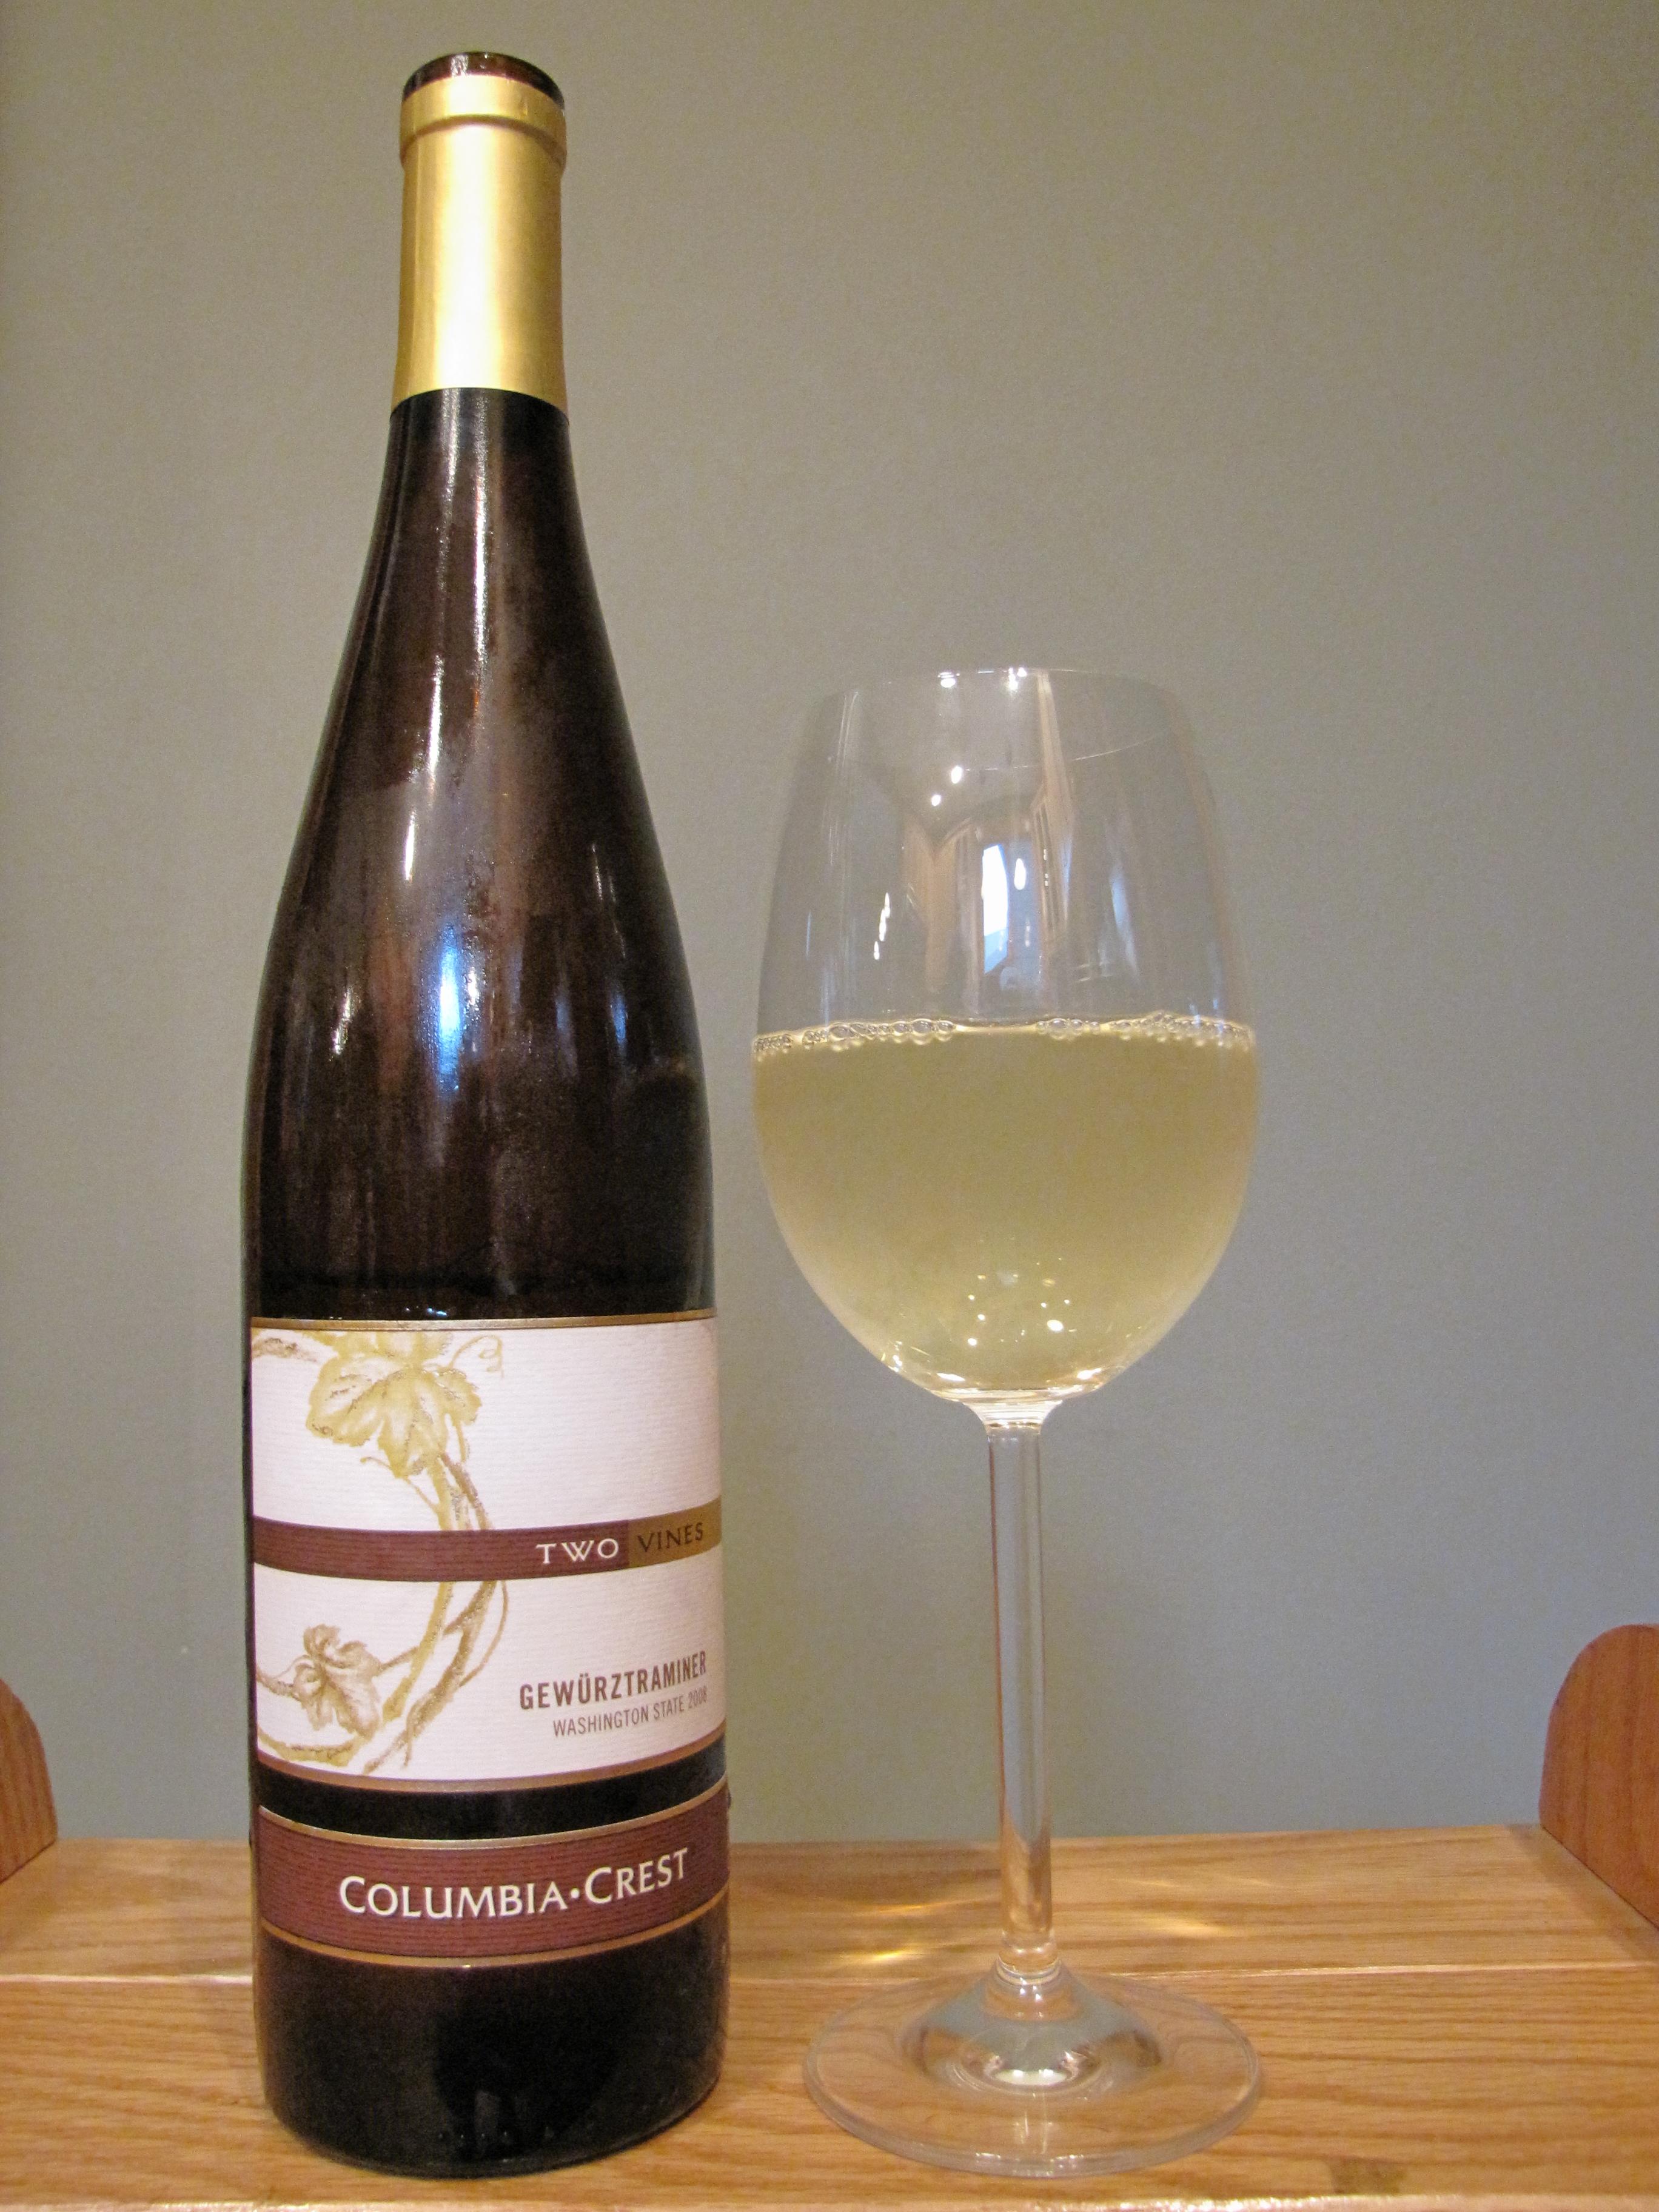 Columbia Crest Gewürztraminer Two Vines